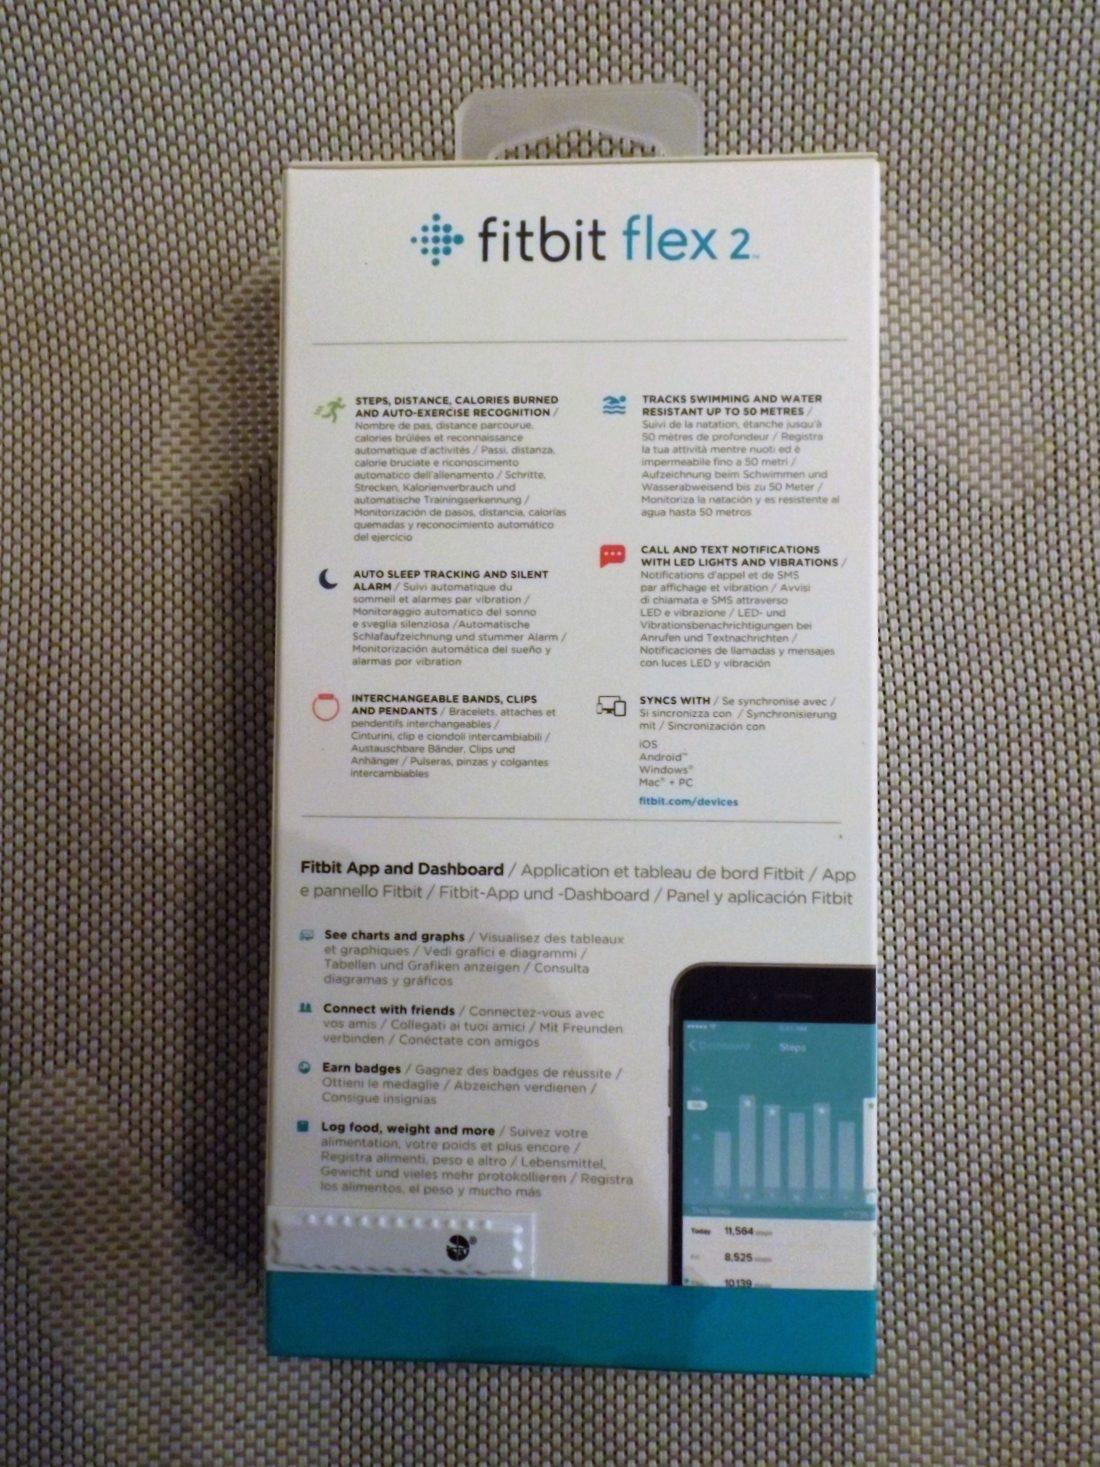 boite fitbit flex 2